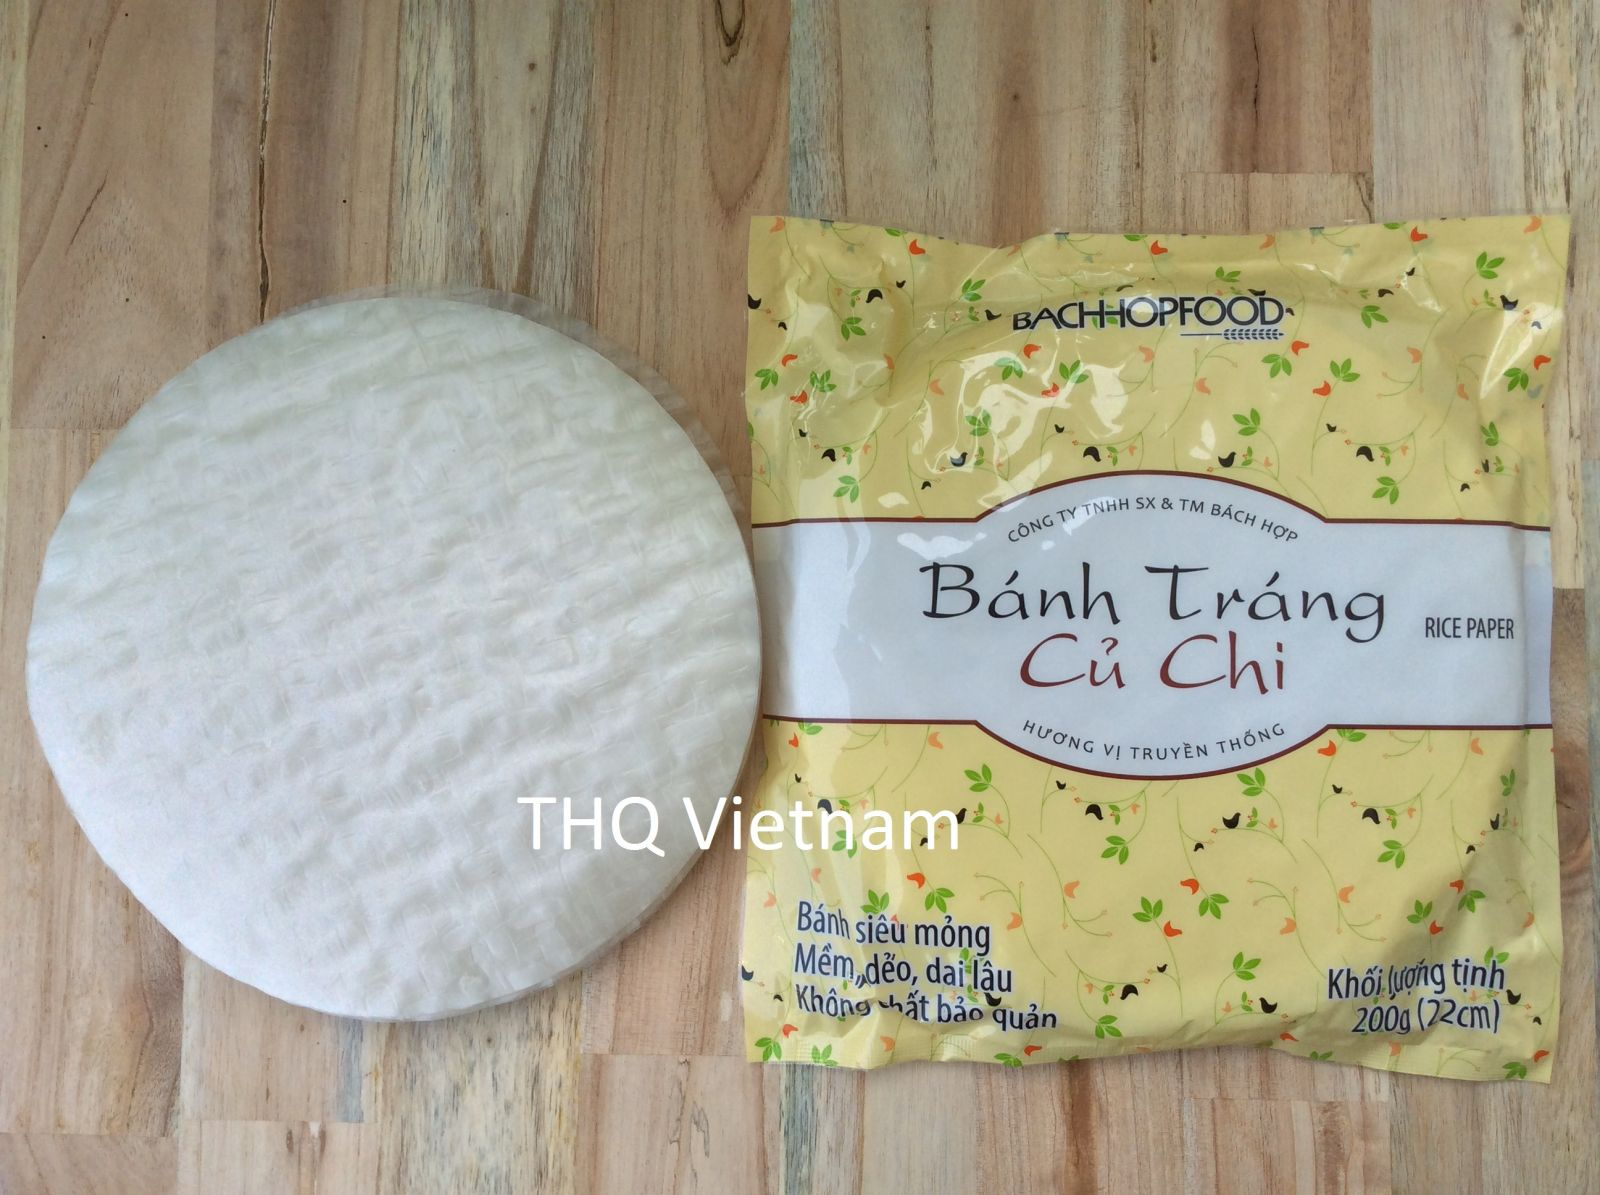 Cu Chi Rice Paper 200gr